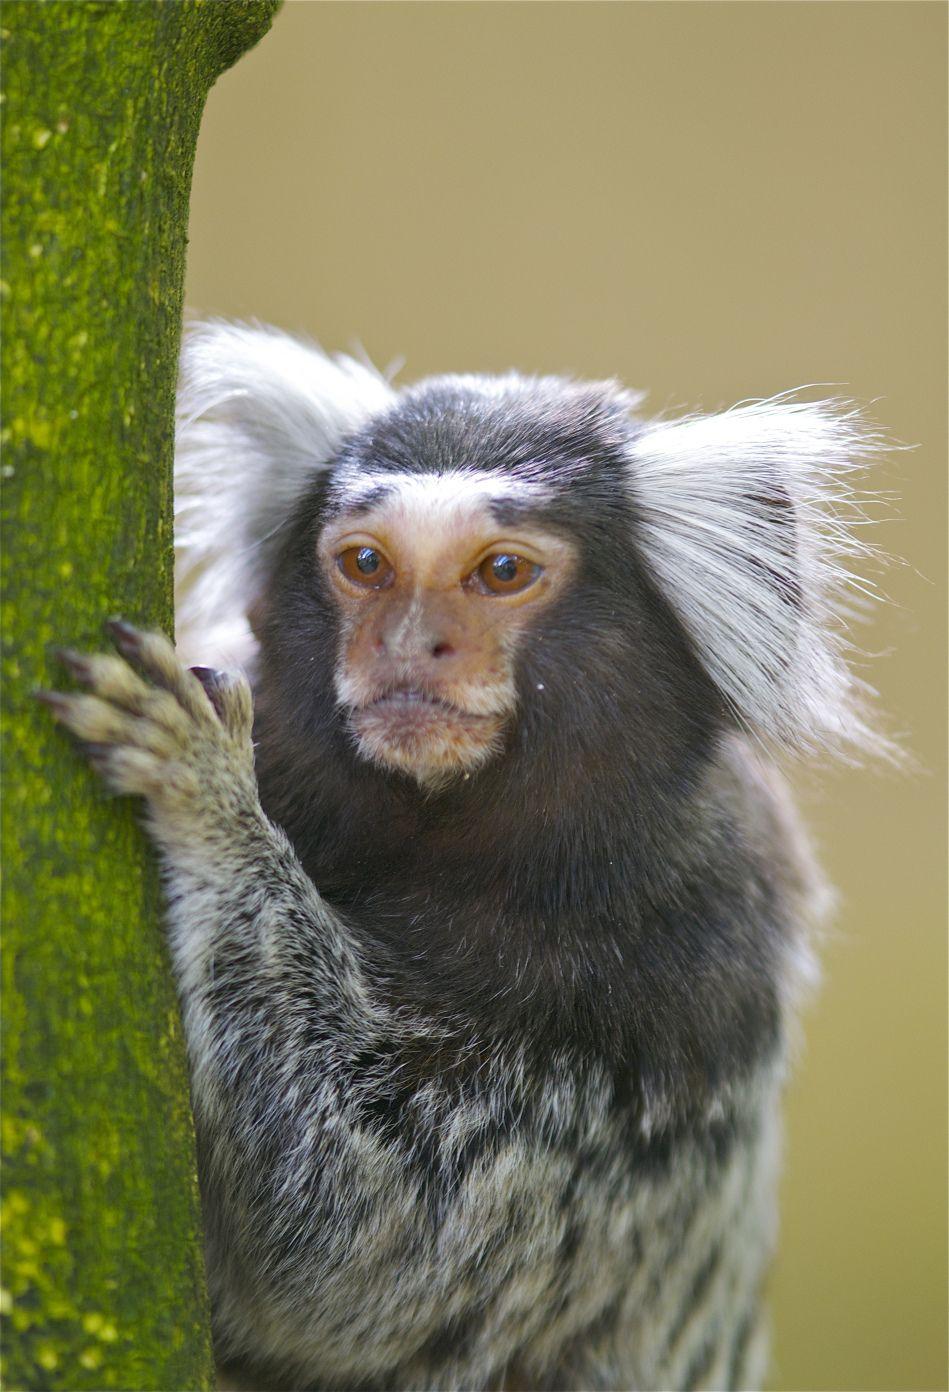 Marmoset | Common marmoset, Monkey breeds, Marmoset monkey